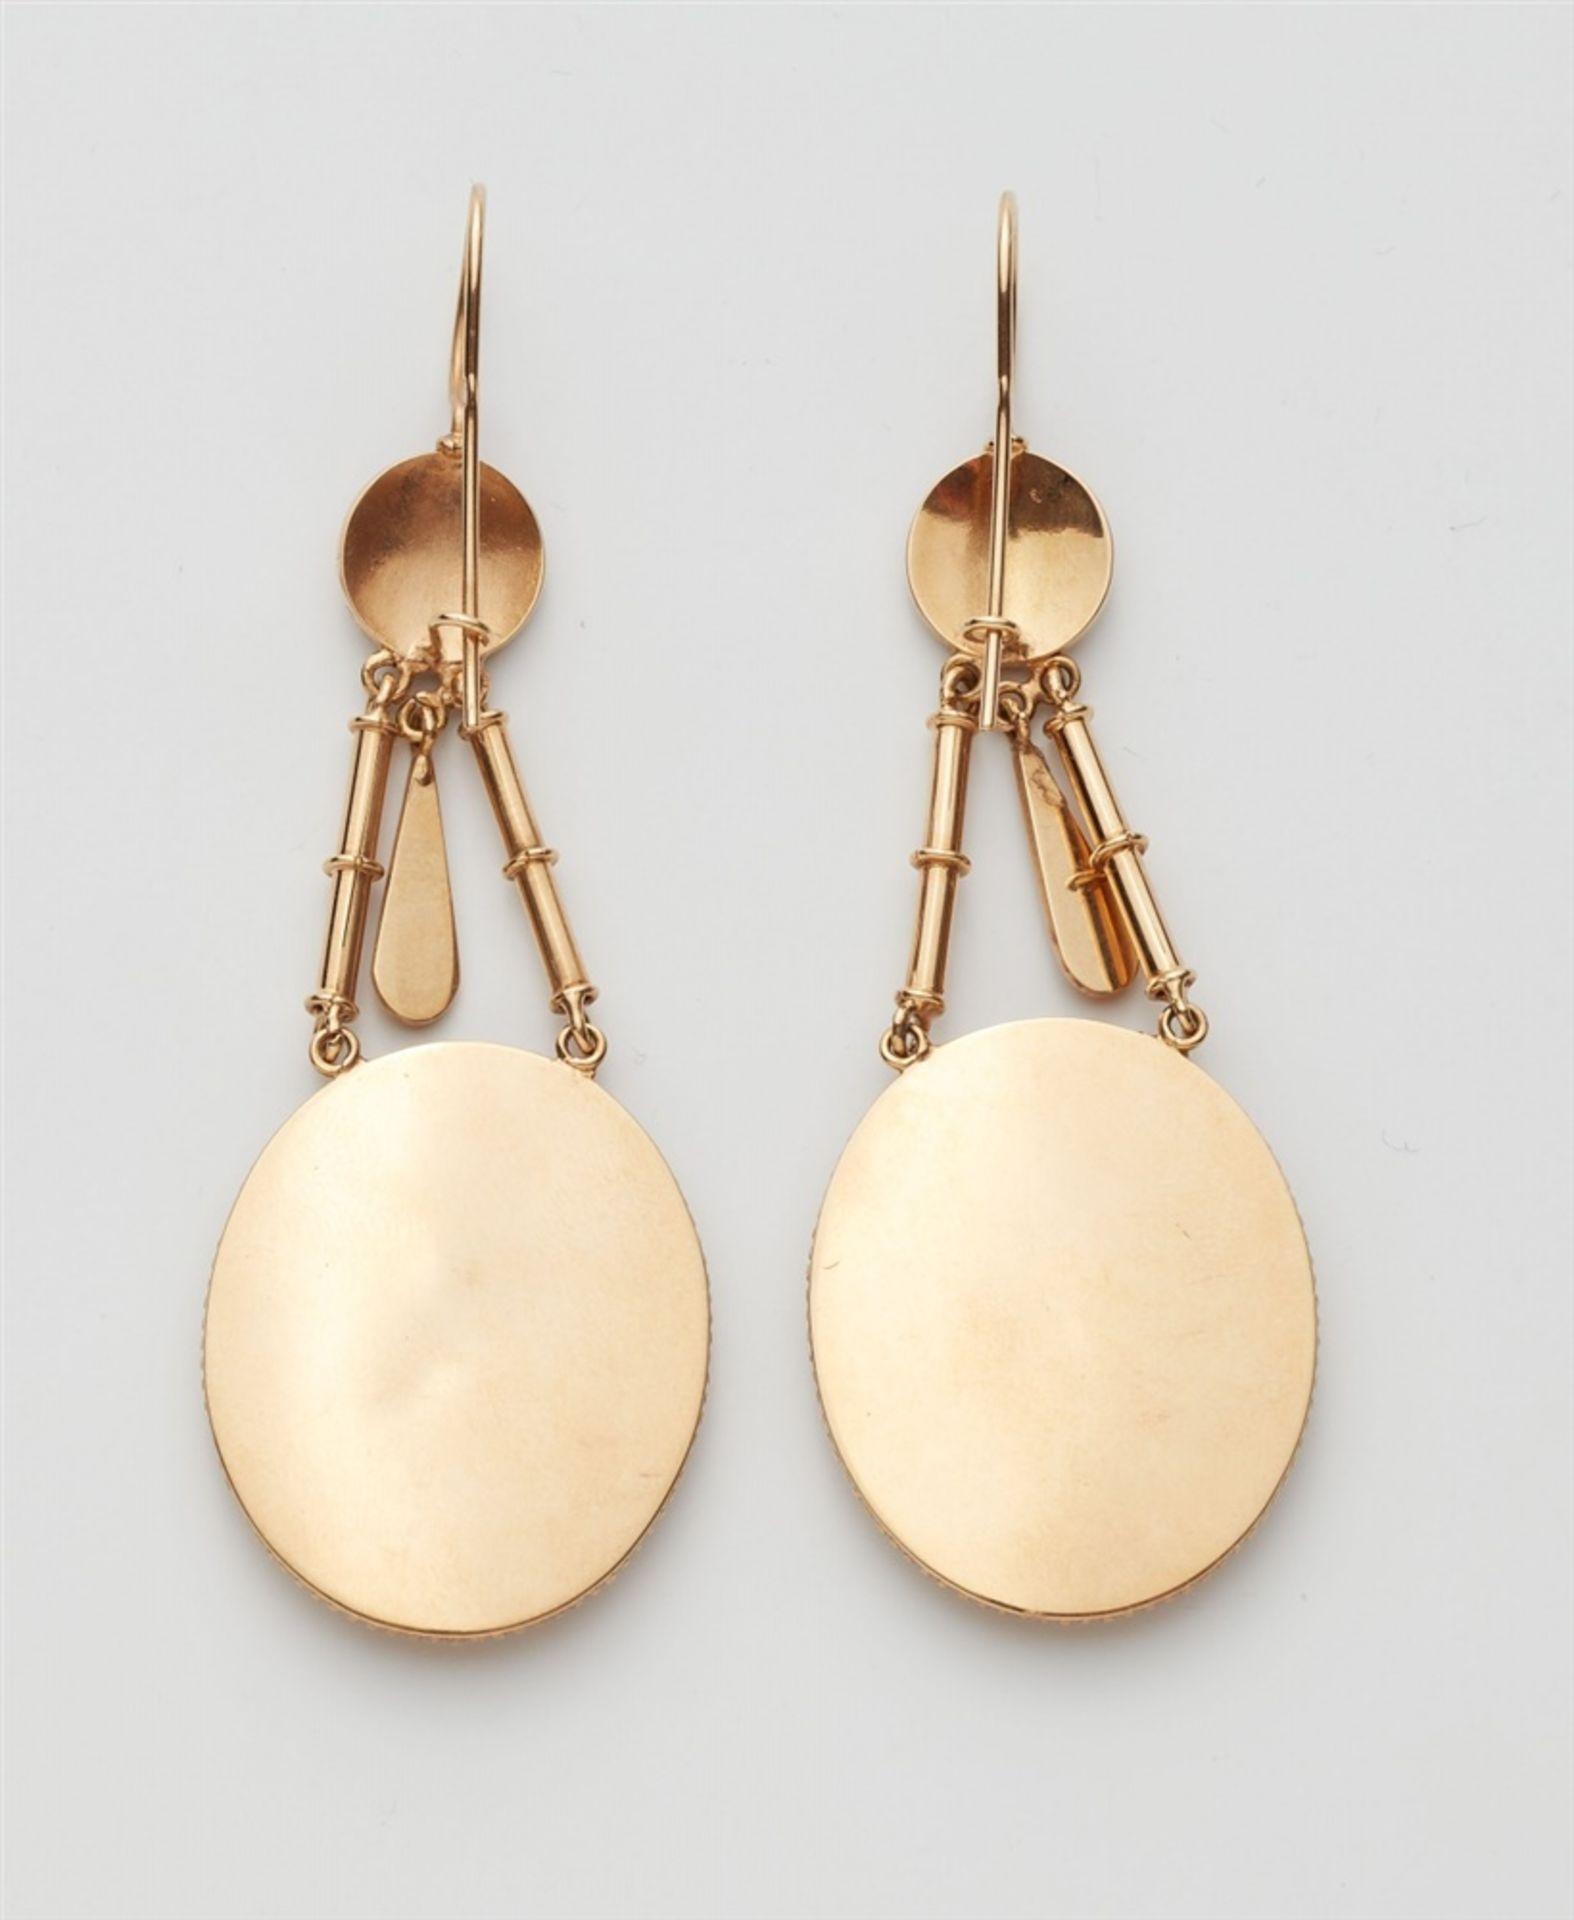 Paar Victorianische Ohrgehänge - Bild 2 aus 2